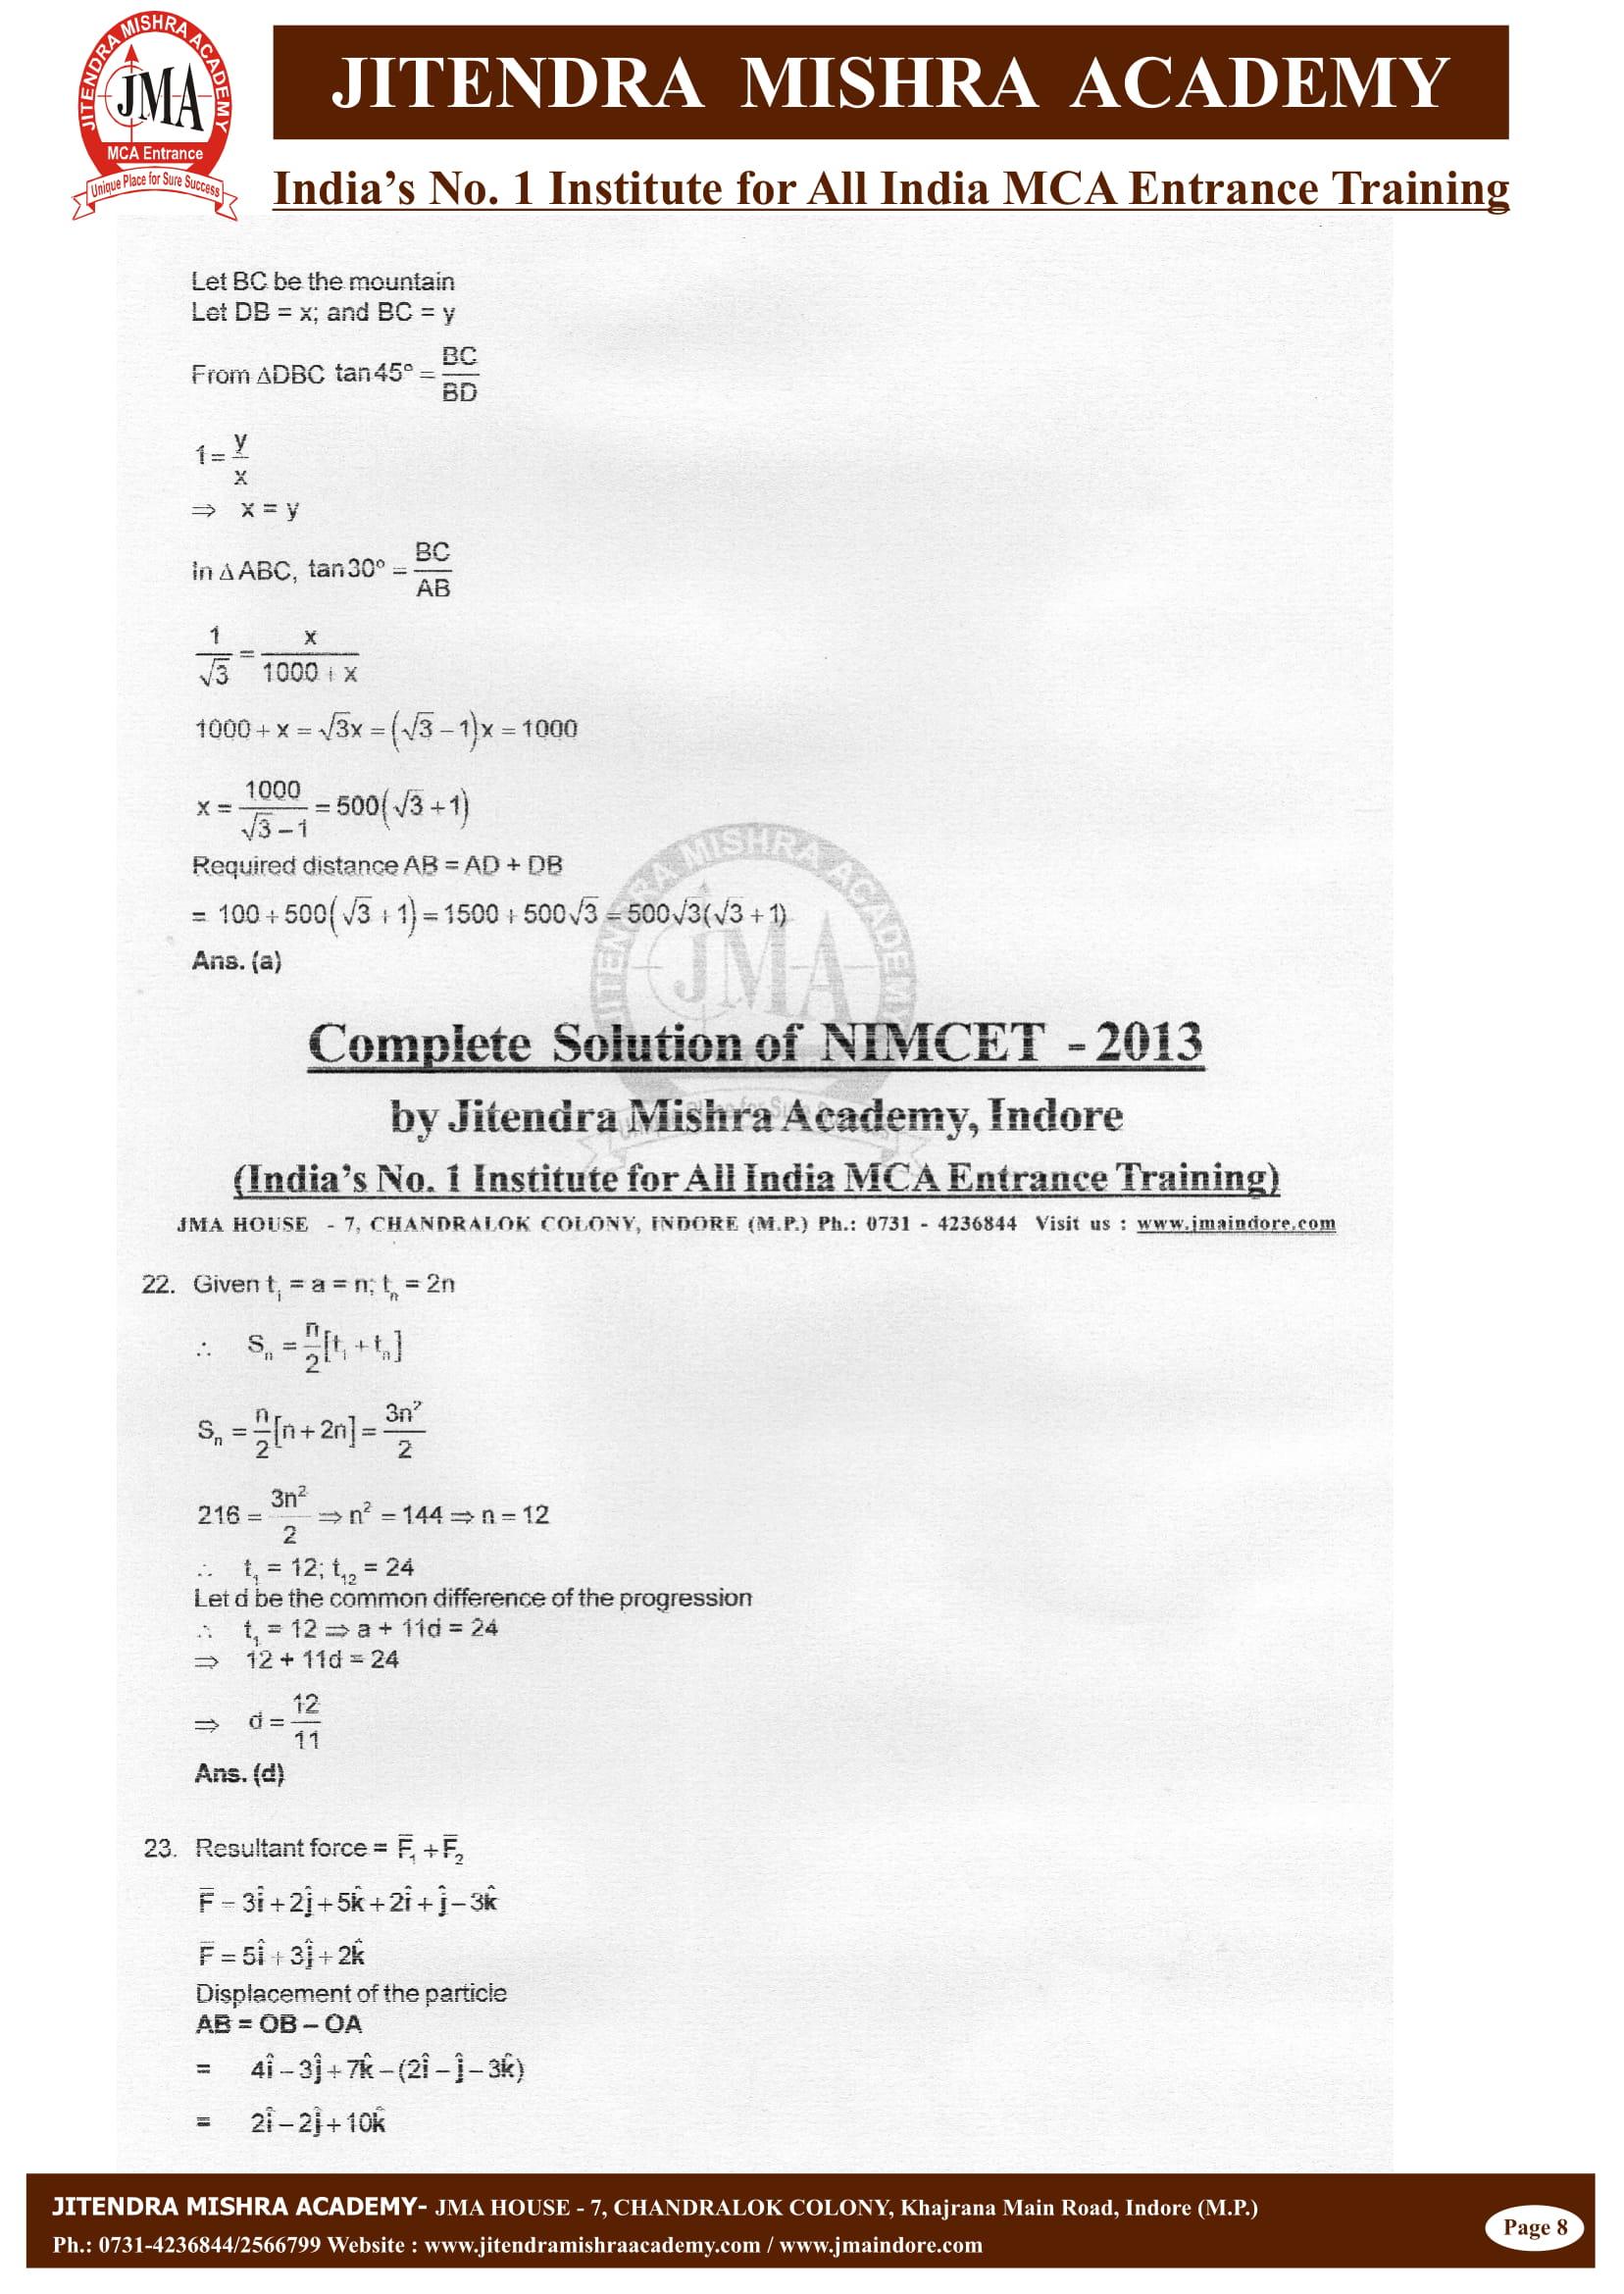 NIMCET - 2013 (SOLUTION)-08